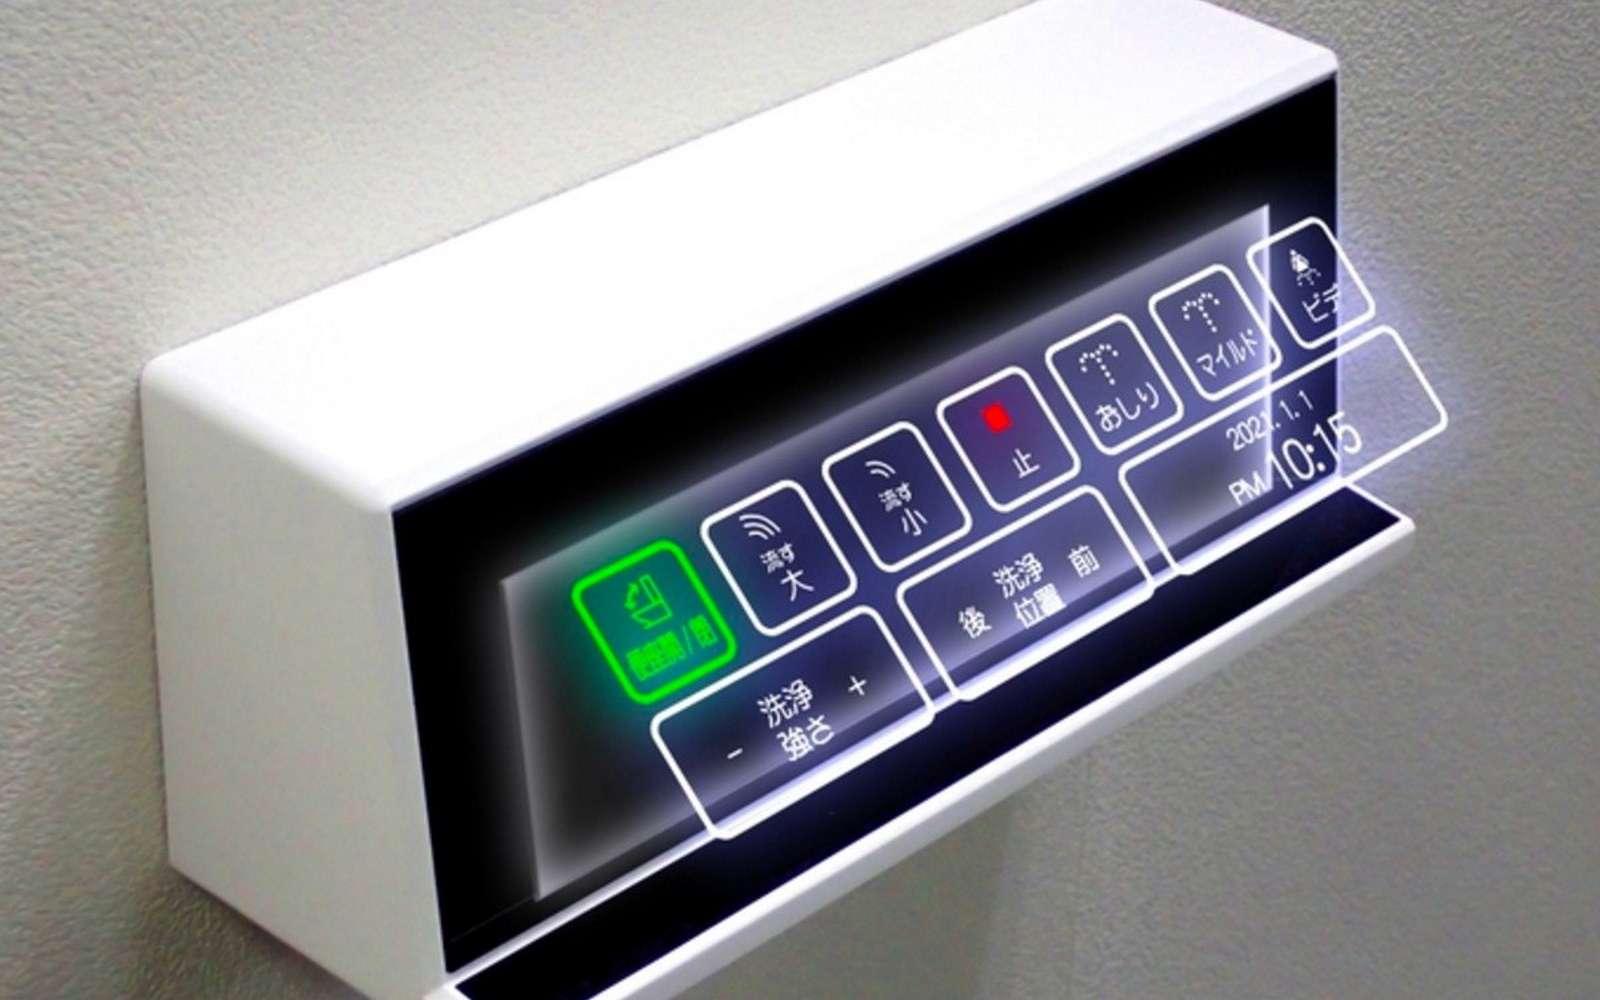 Quand les boutons des toilettes deviennent holographiques - Futura